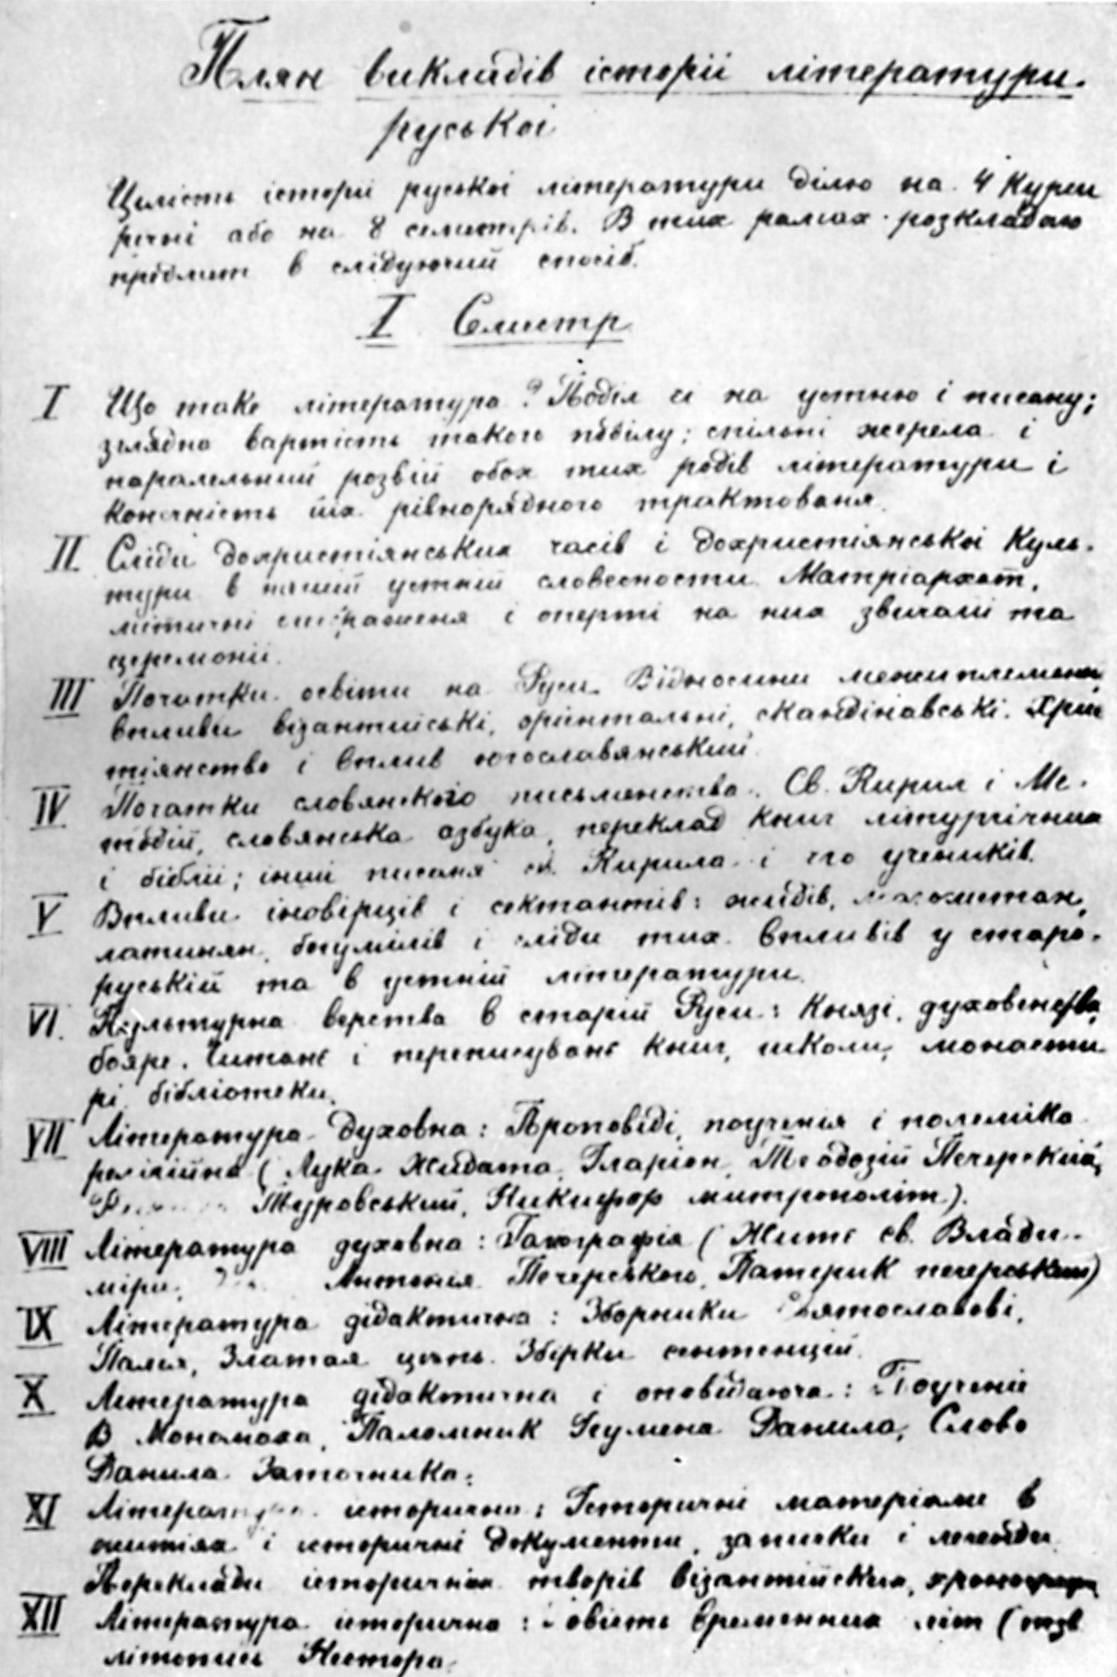 Іван Франко - «План викладів історії…